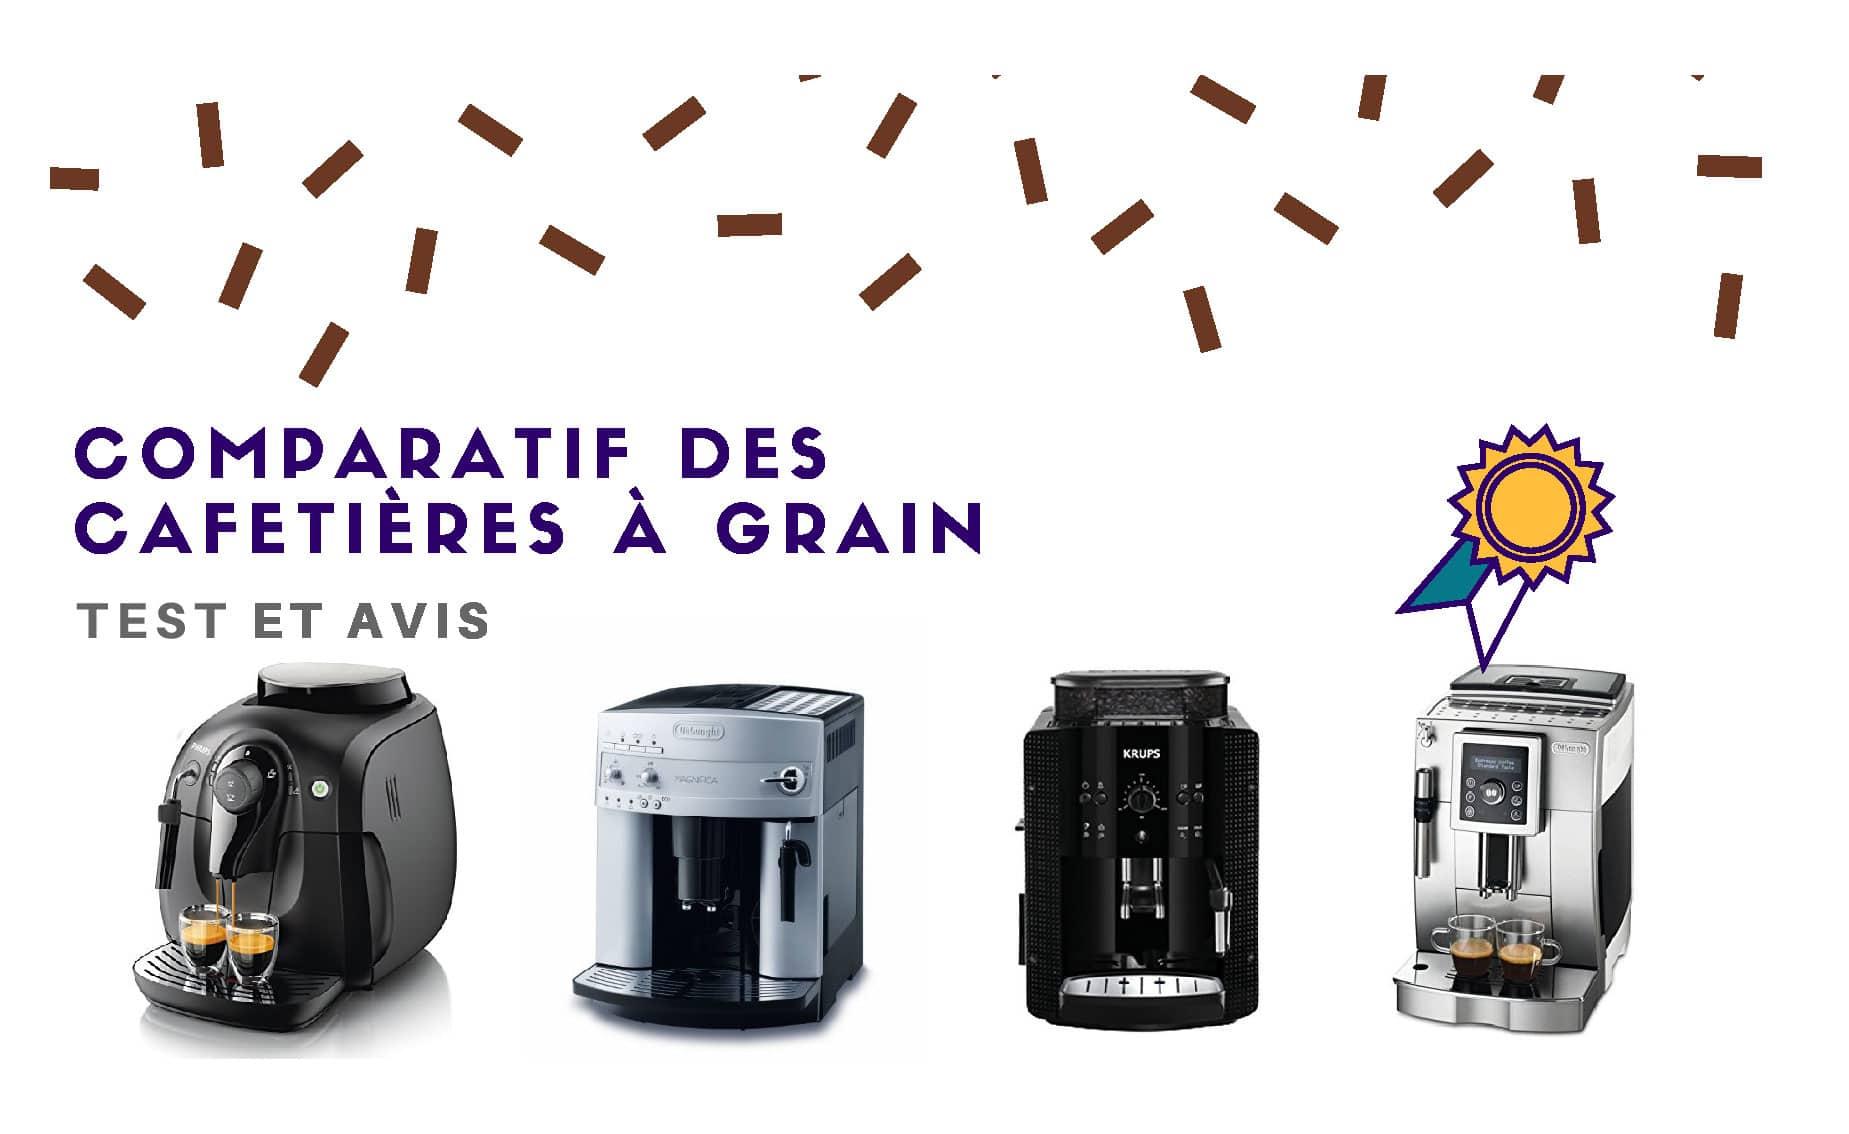 machine a cafe a grain comparatif des